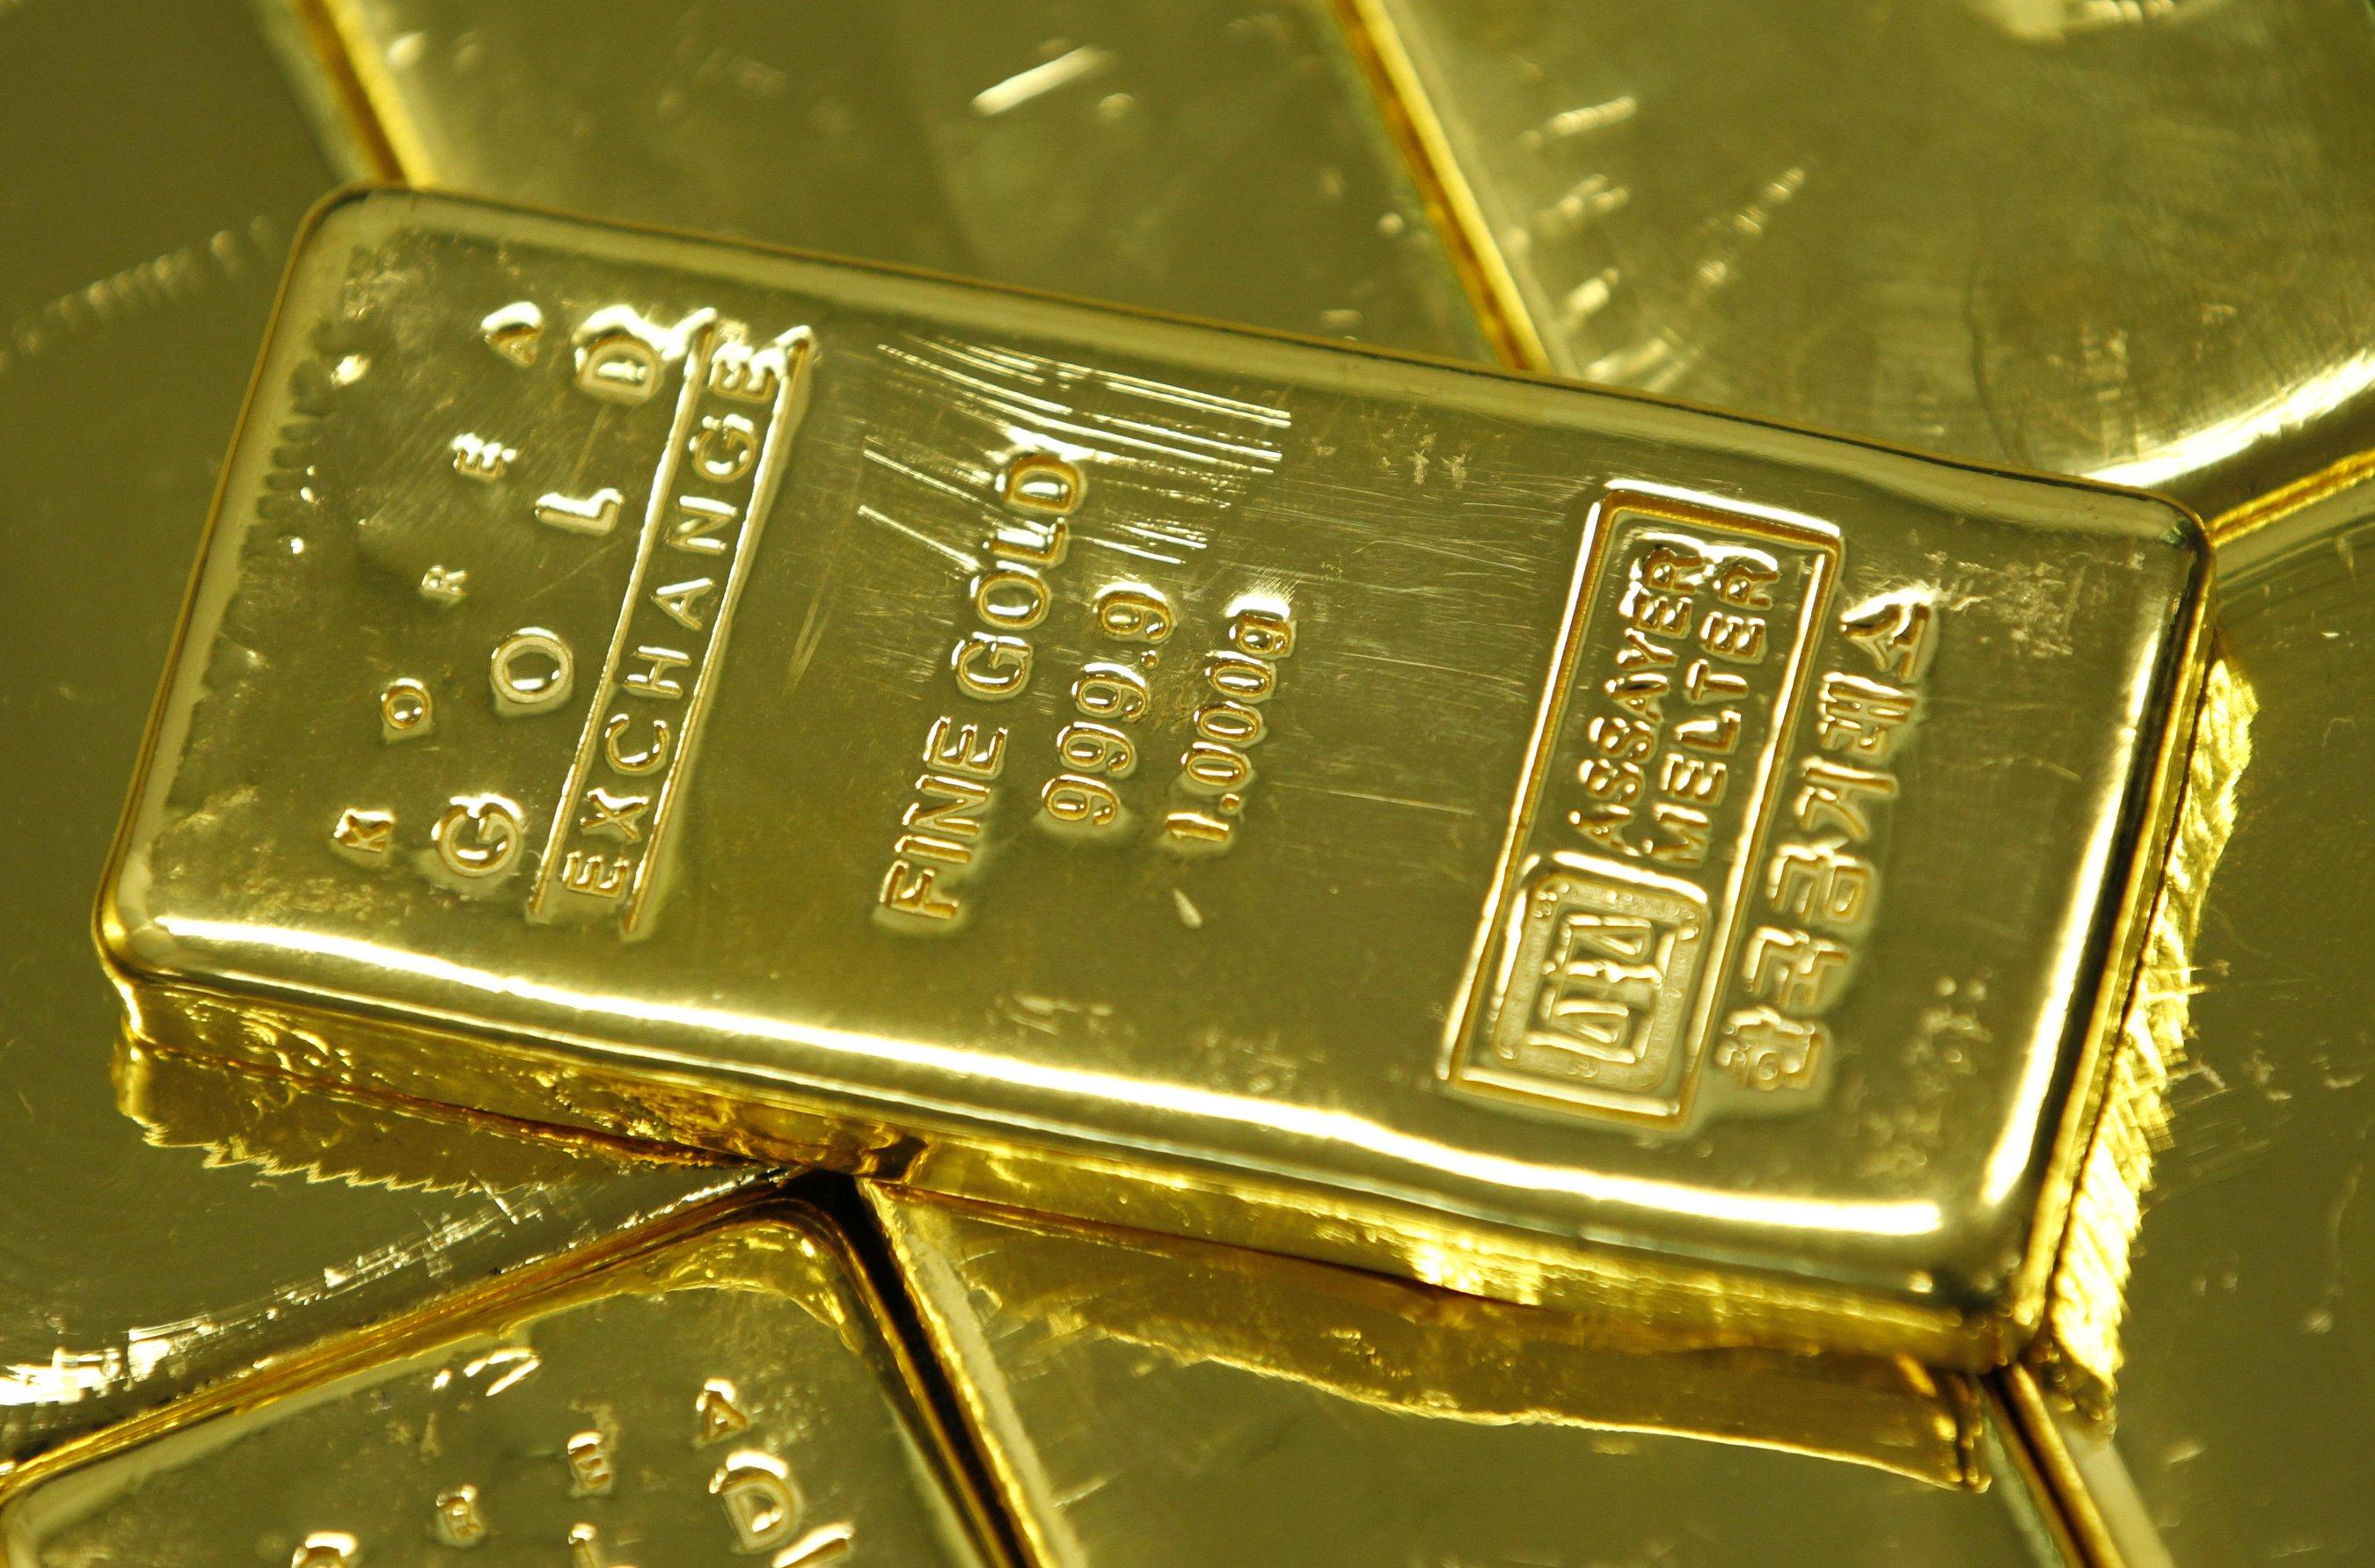 Καλαμαριά: Ένοπλη ληστεία σε κατάστημα αγοράς χρυσού – Άρπαξαν 7.000 ευρώ